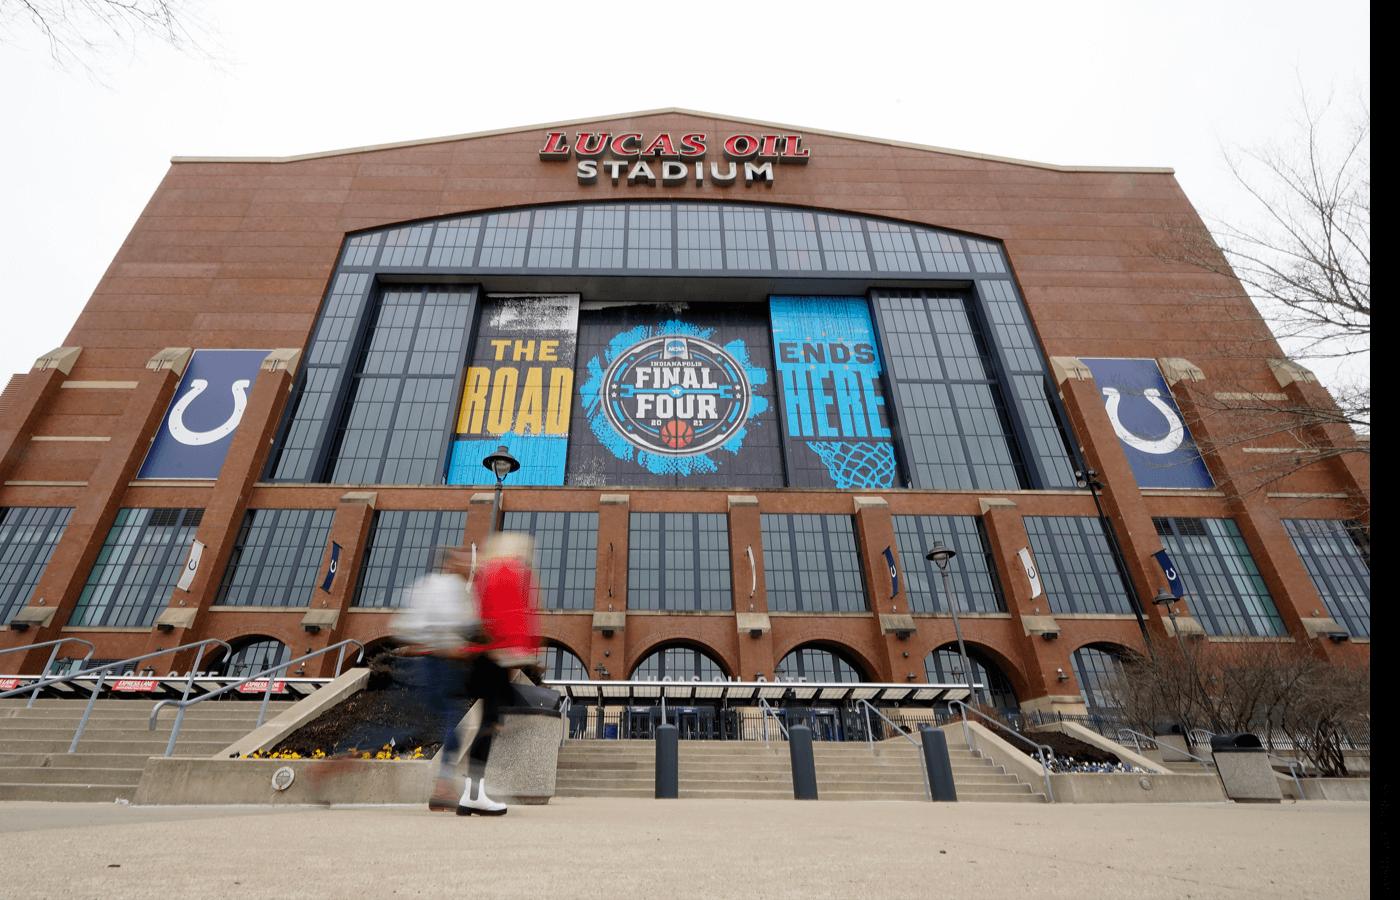 Exterior of Lucas Oil Stadium in Indianapolis, IN